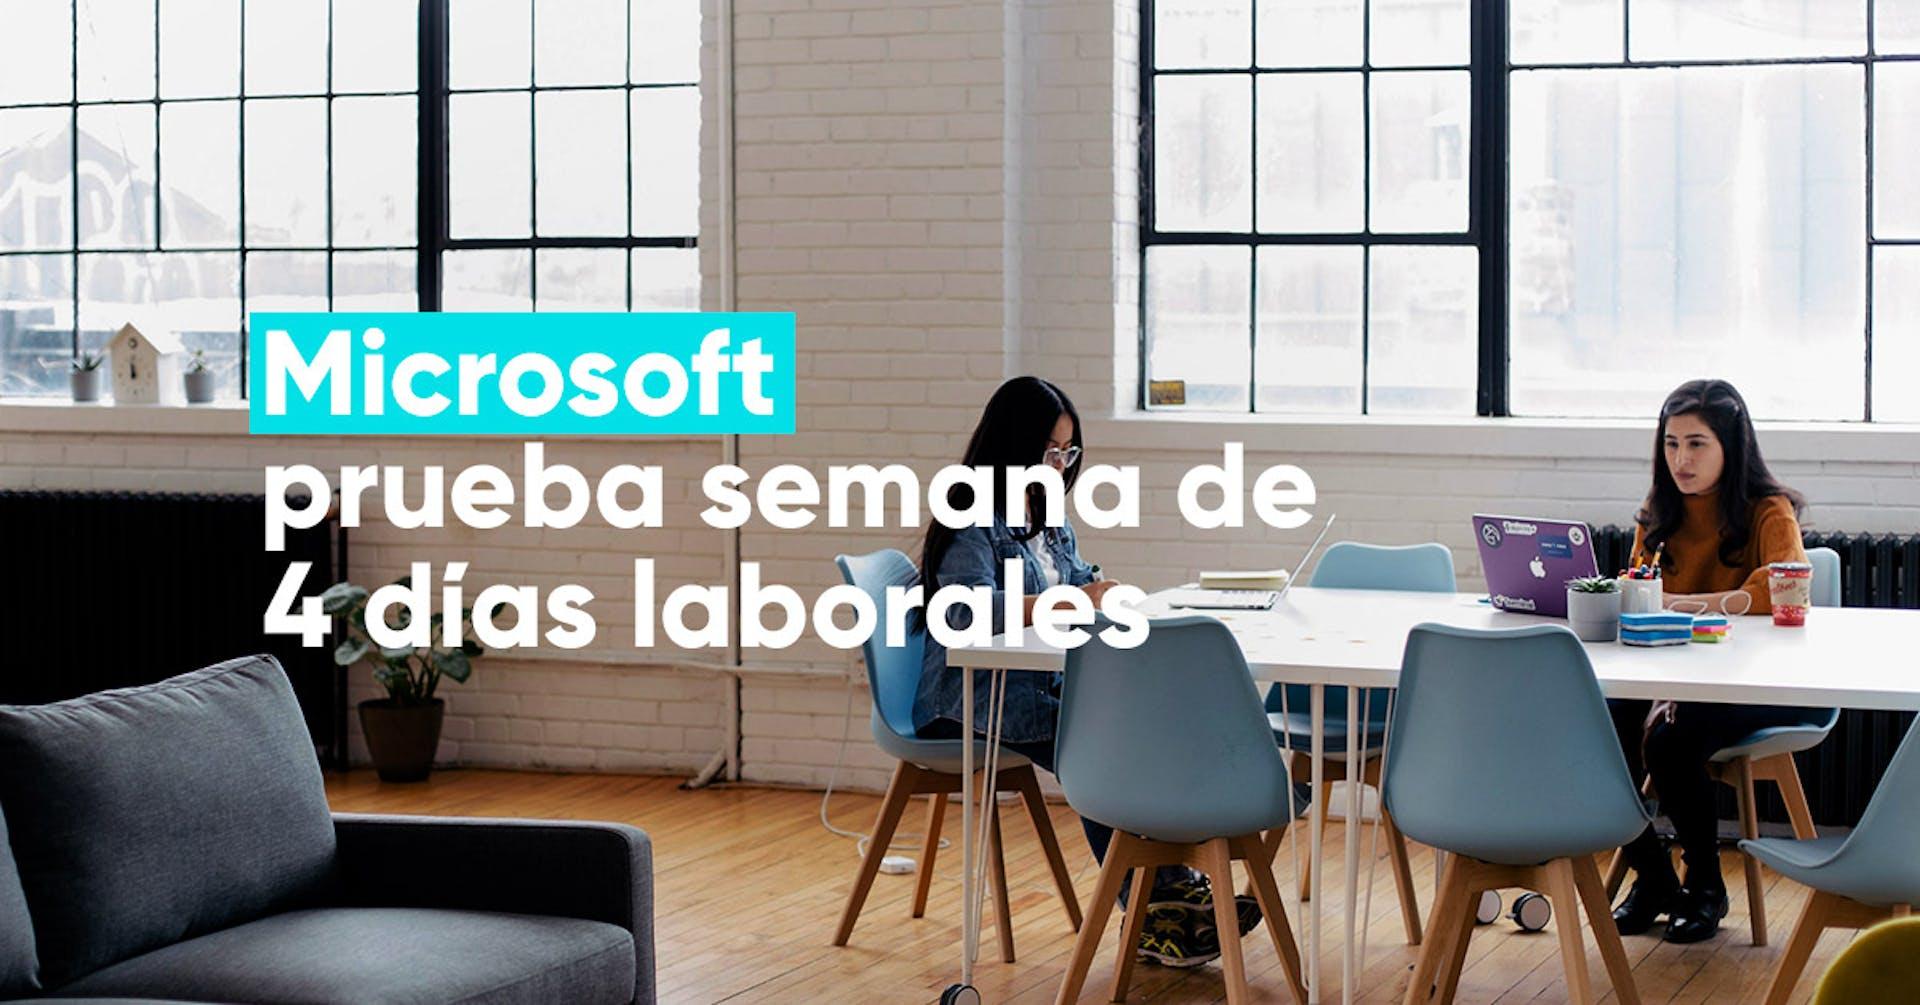 Microsoft experimenta semanas de 4 días laborales y aumenta su productividad en 40%